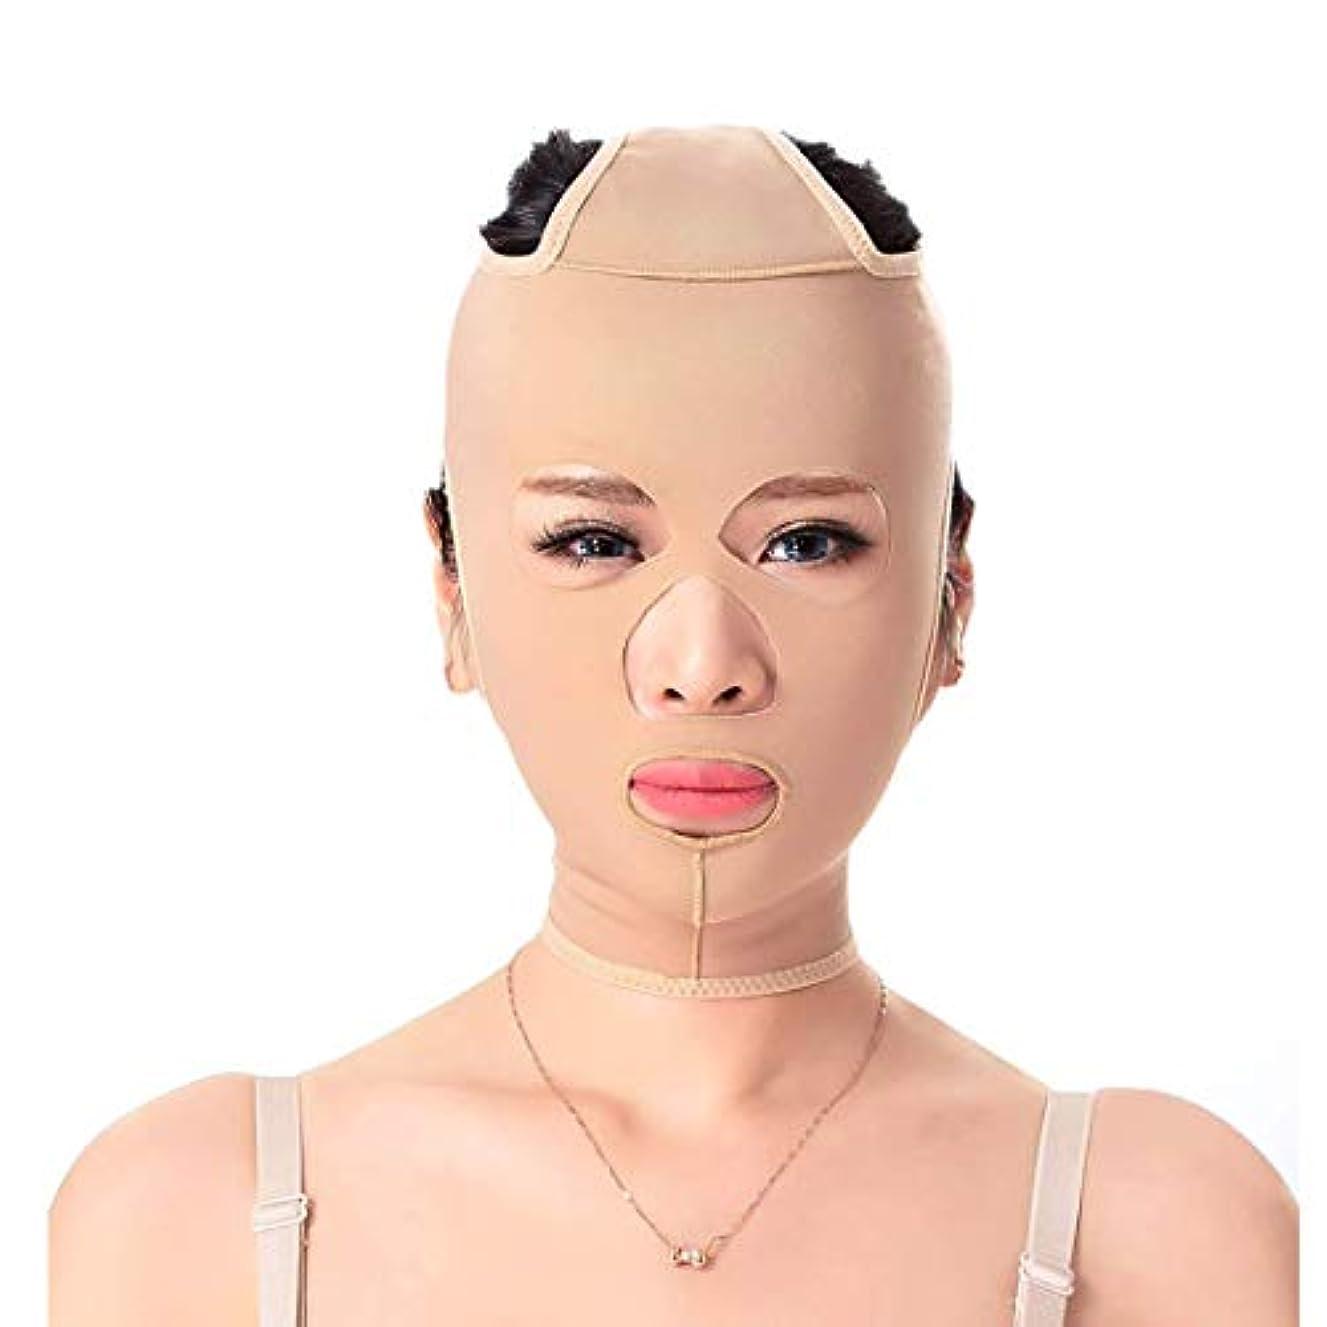 バージン蜜批判するスリミングベルト、二重あごの引き締め顔面プラスチック顔アーティファクト強力な顔の包帯を脇に持ち上げるパターンを欺くためのフェイシャルマスク薄いフェイスマスク(サイズ:XXL),Xl